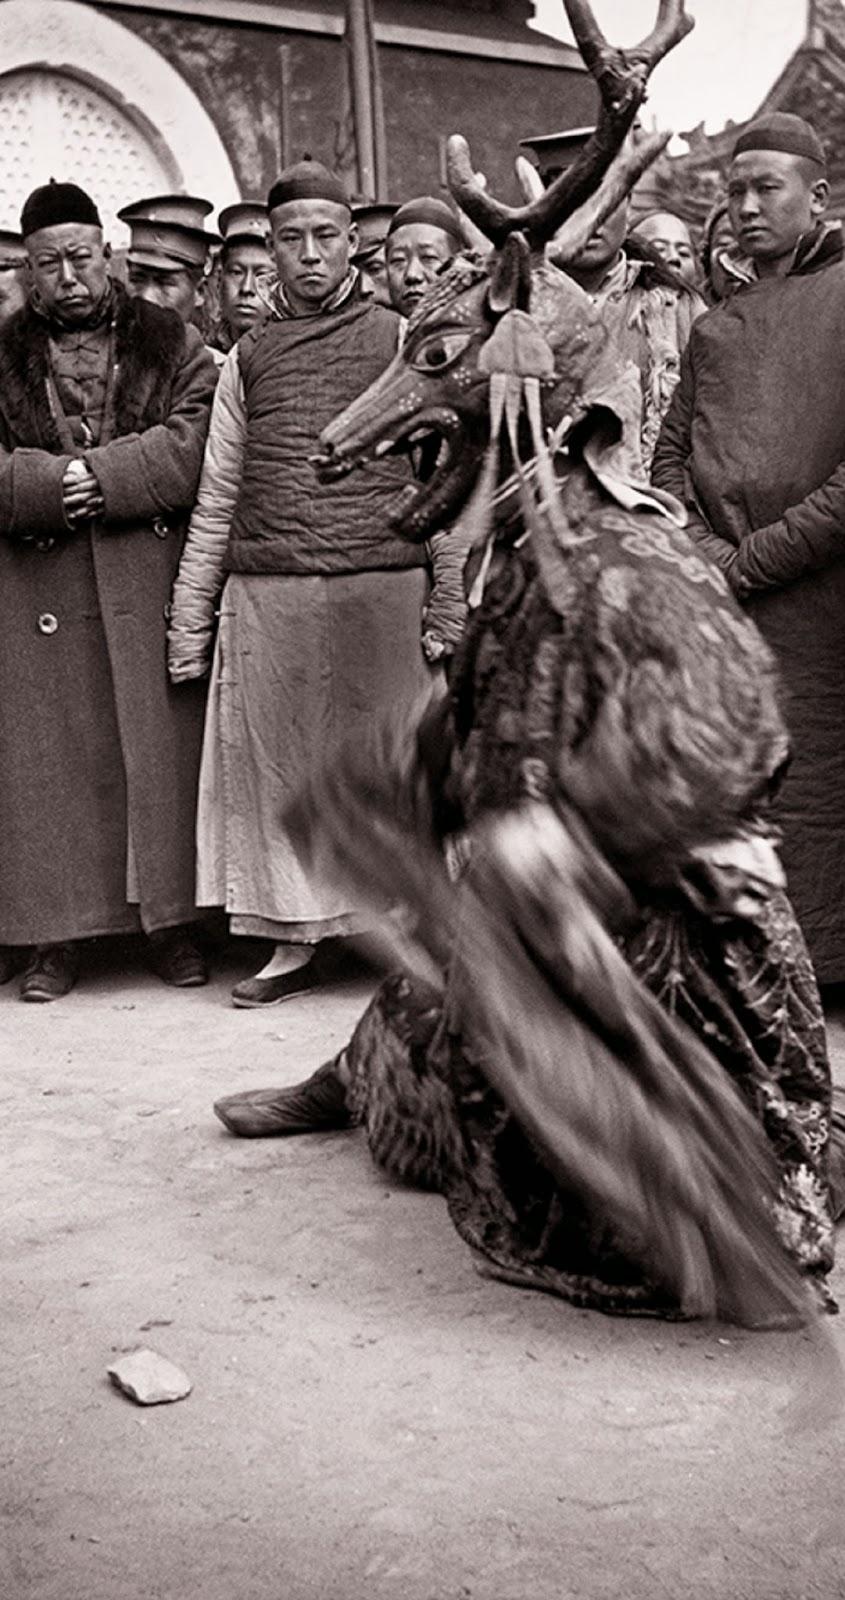 La vida cotidiana en Pekín a principios del siglo XX